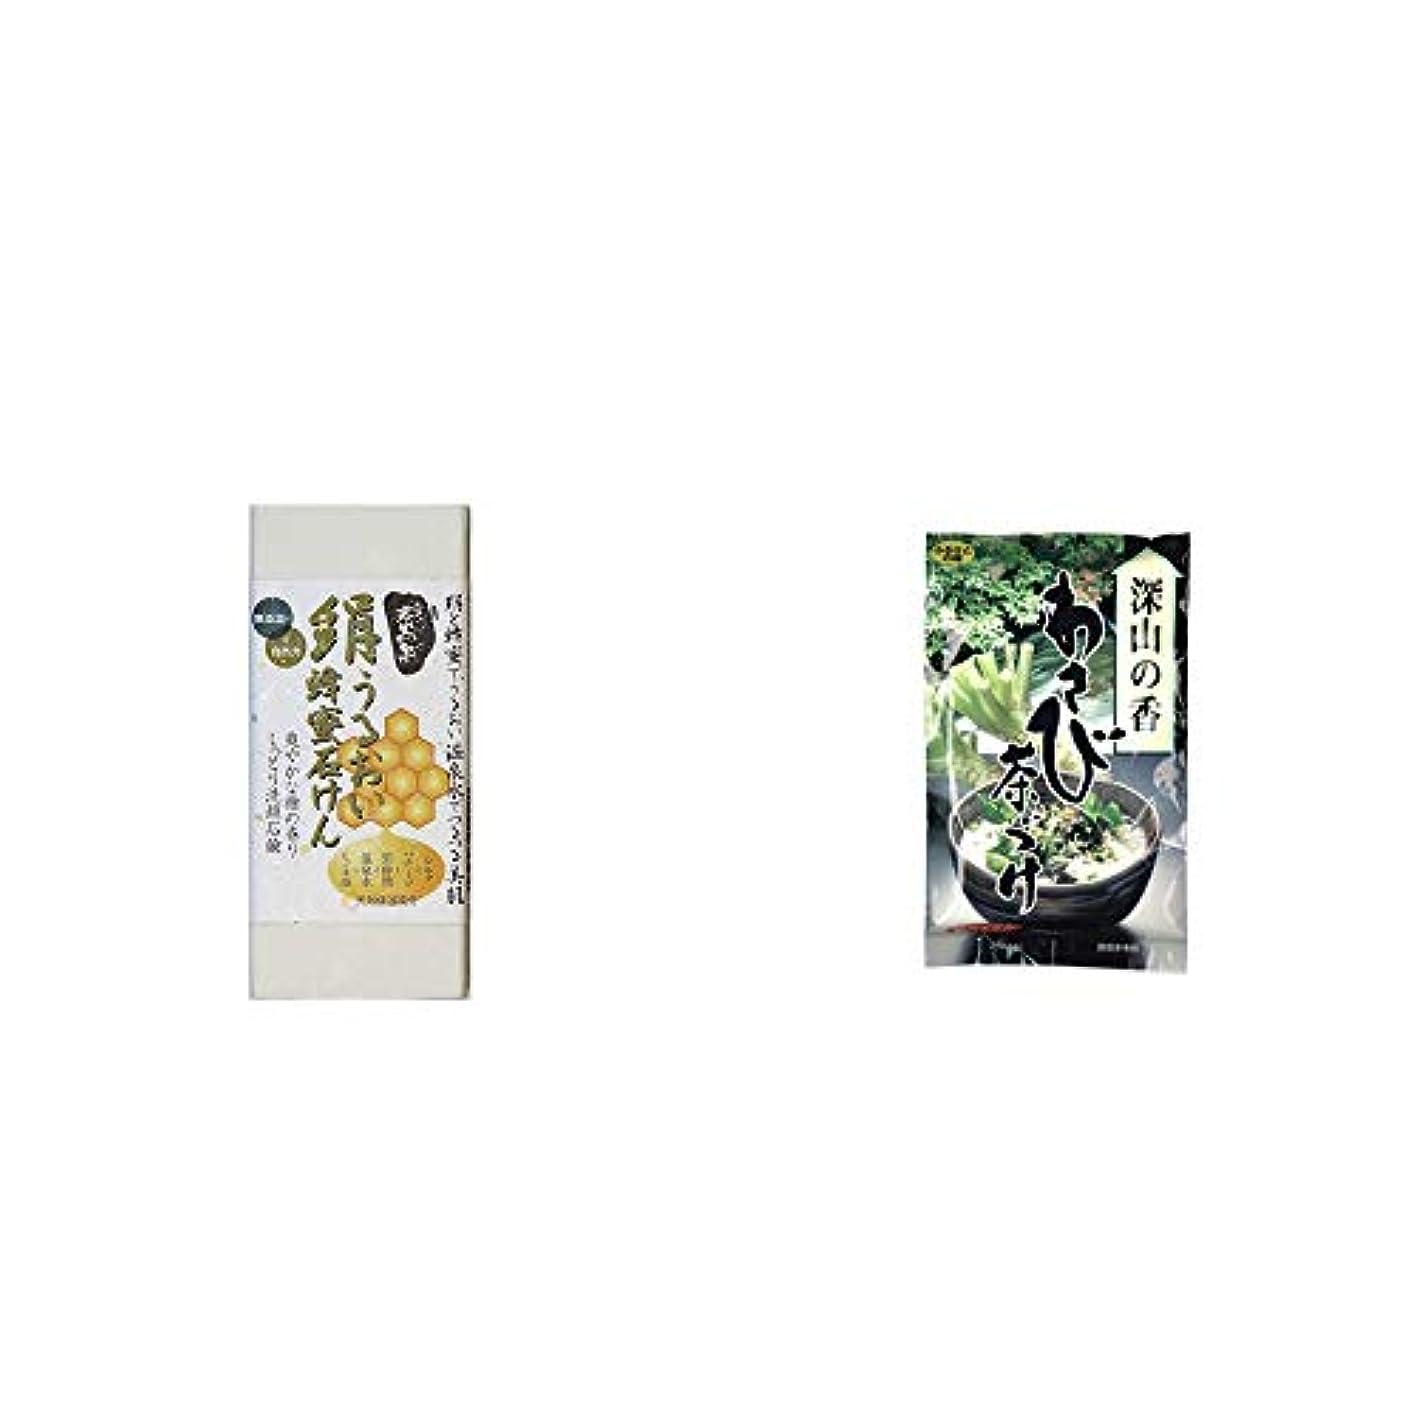 個人東ホラー[2点セット] ひのき炭黒泉 絹うるおい蜂蜜石けん(75g×2)?特選茶漬け 深山の香 わさび茶づけ(10袋入)